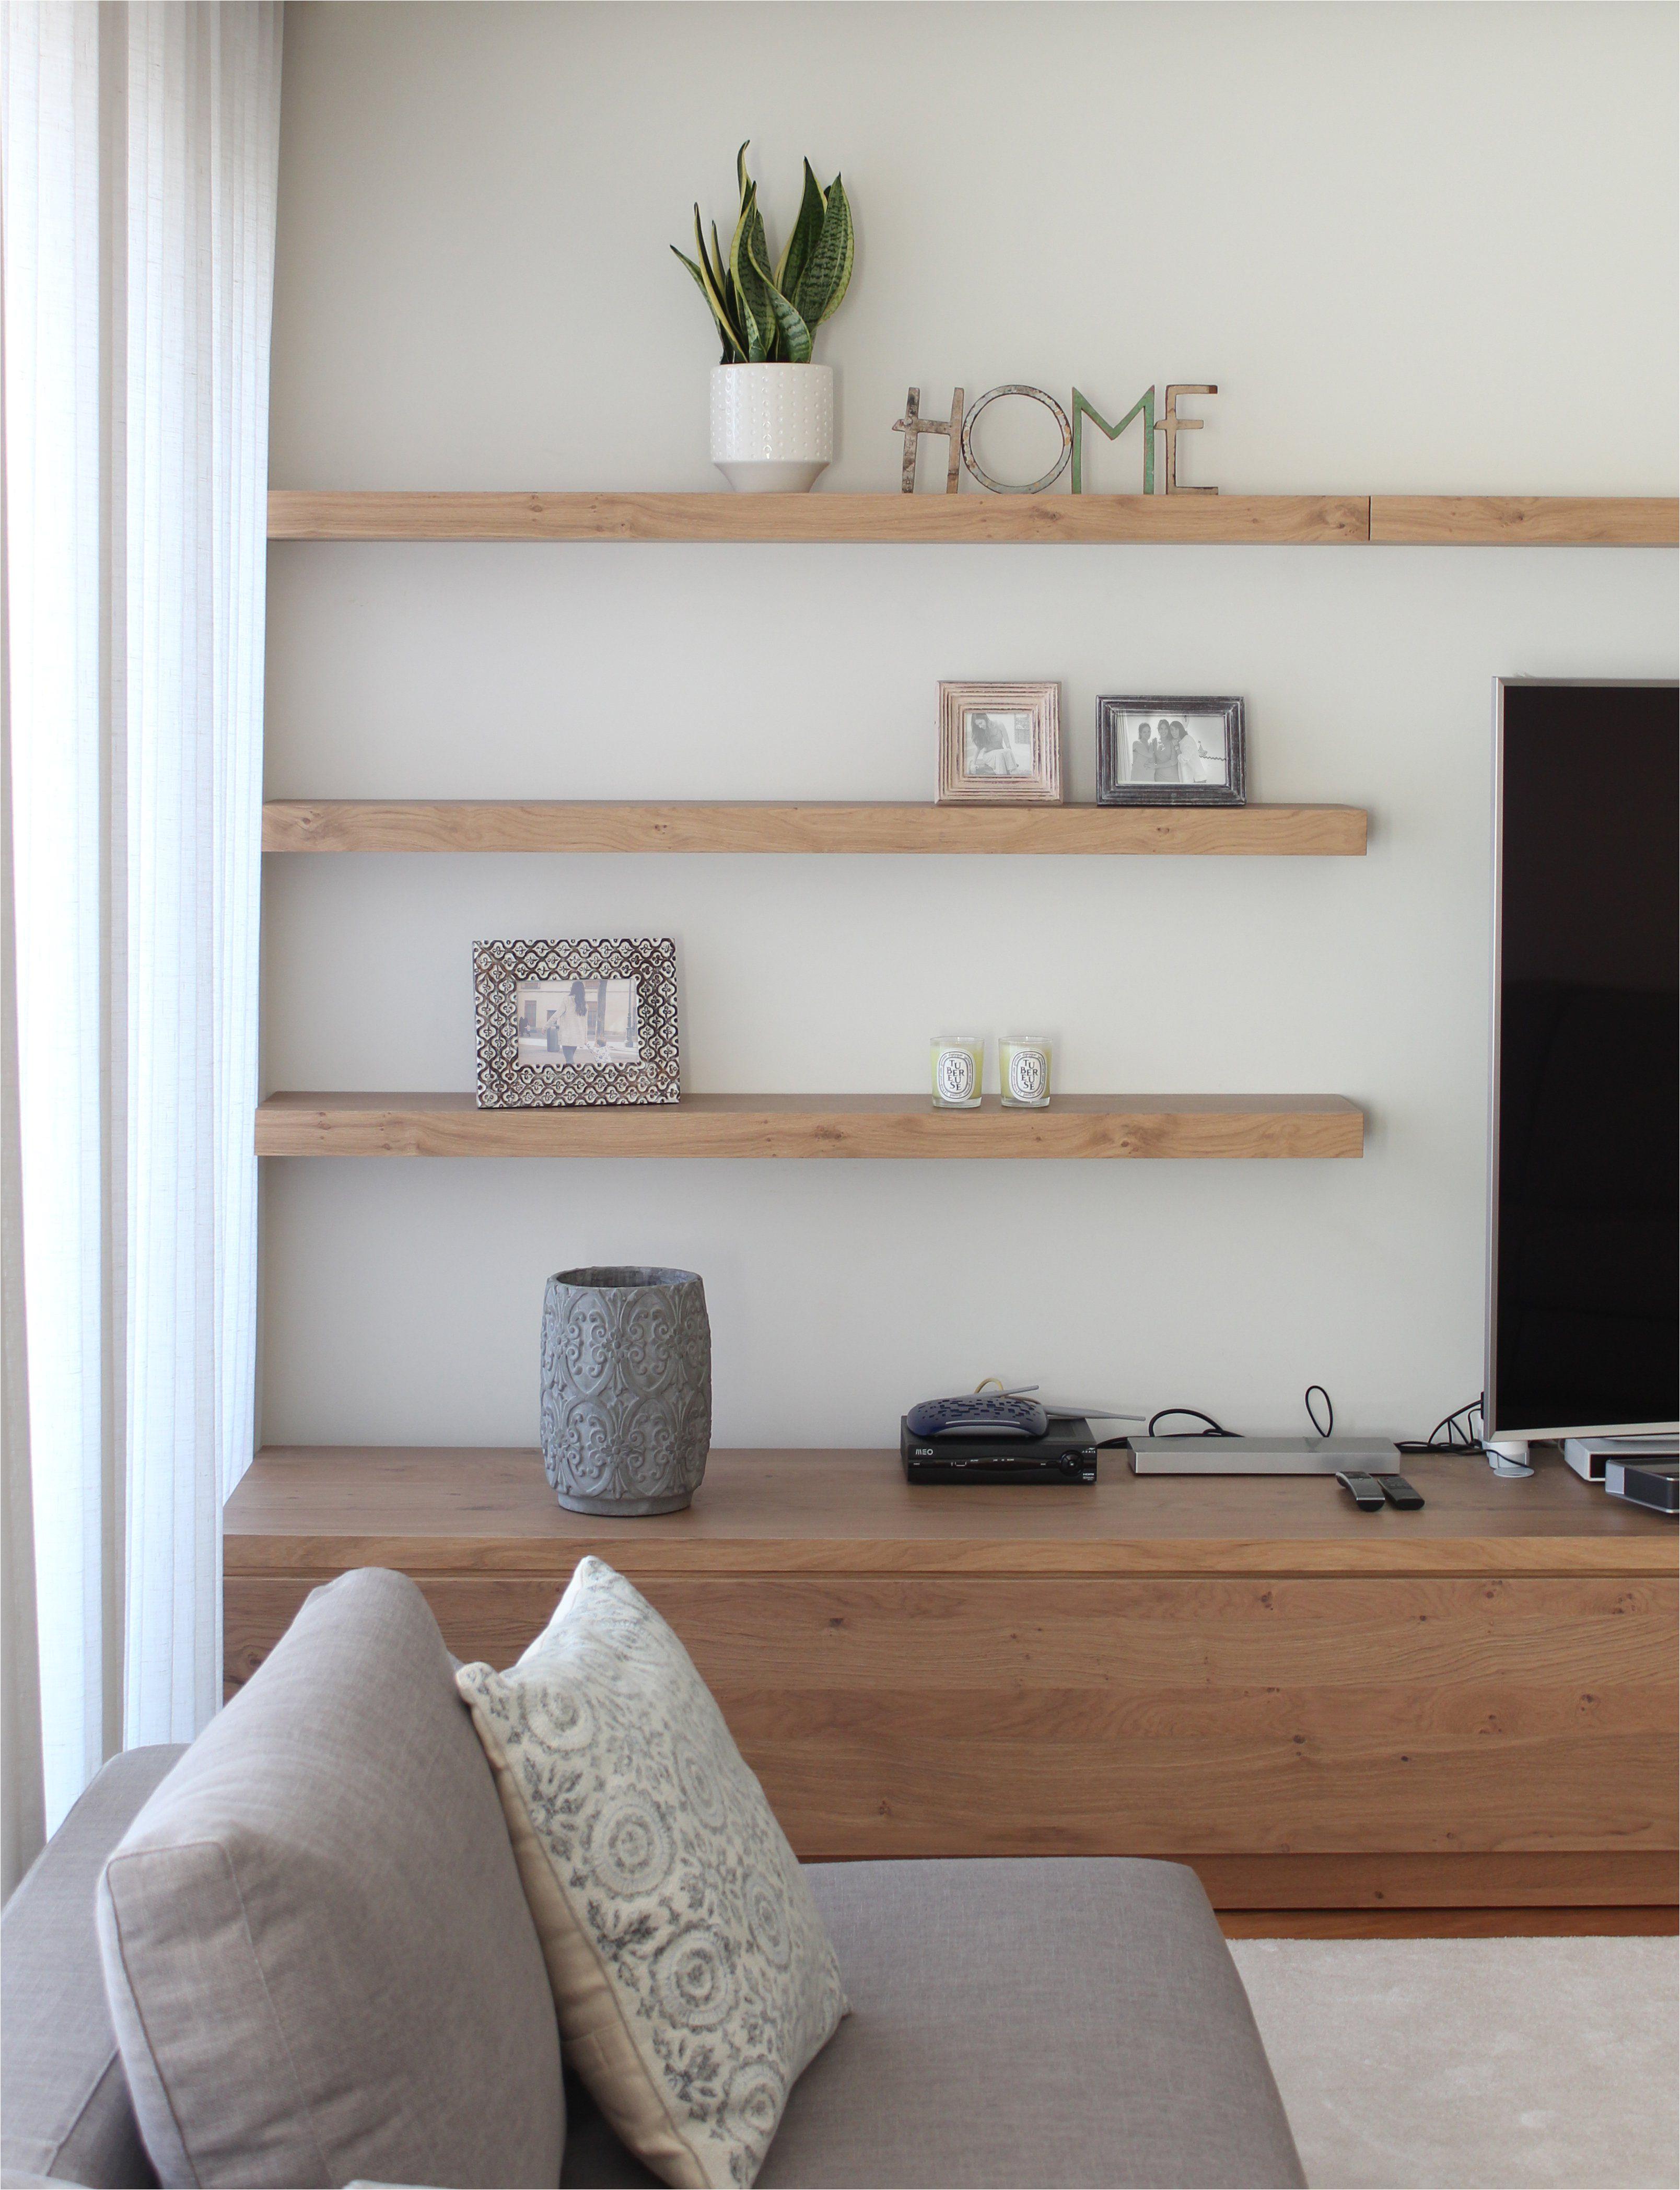 decoracion casa estilo aa os 20 salones modernos pequea os concepto debido a embellecer vuestro